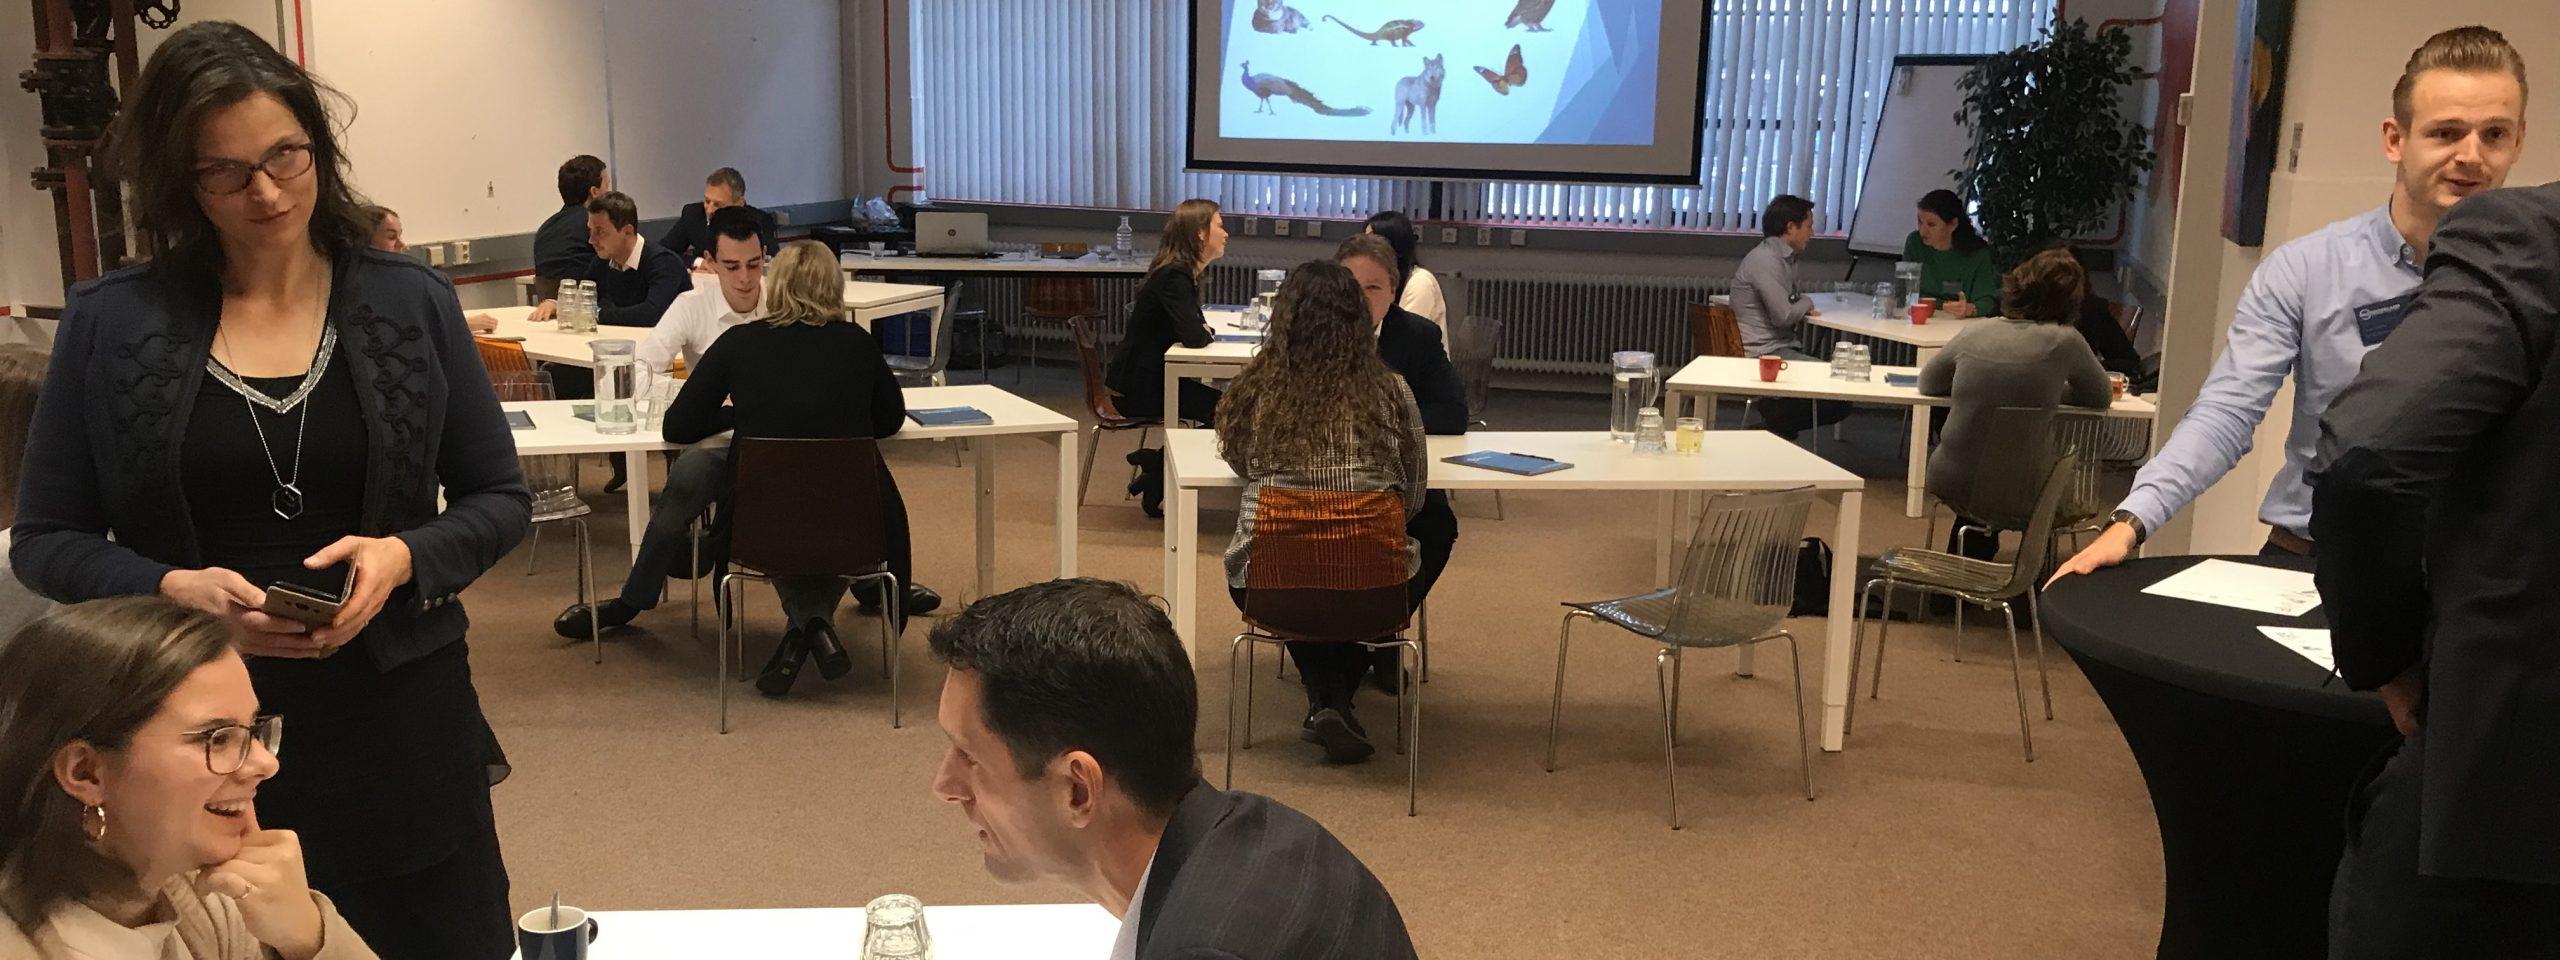 teamuitje-den-bosch-workshop-ken-je-collega-enneagram